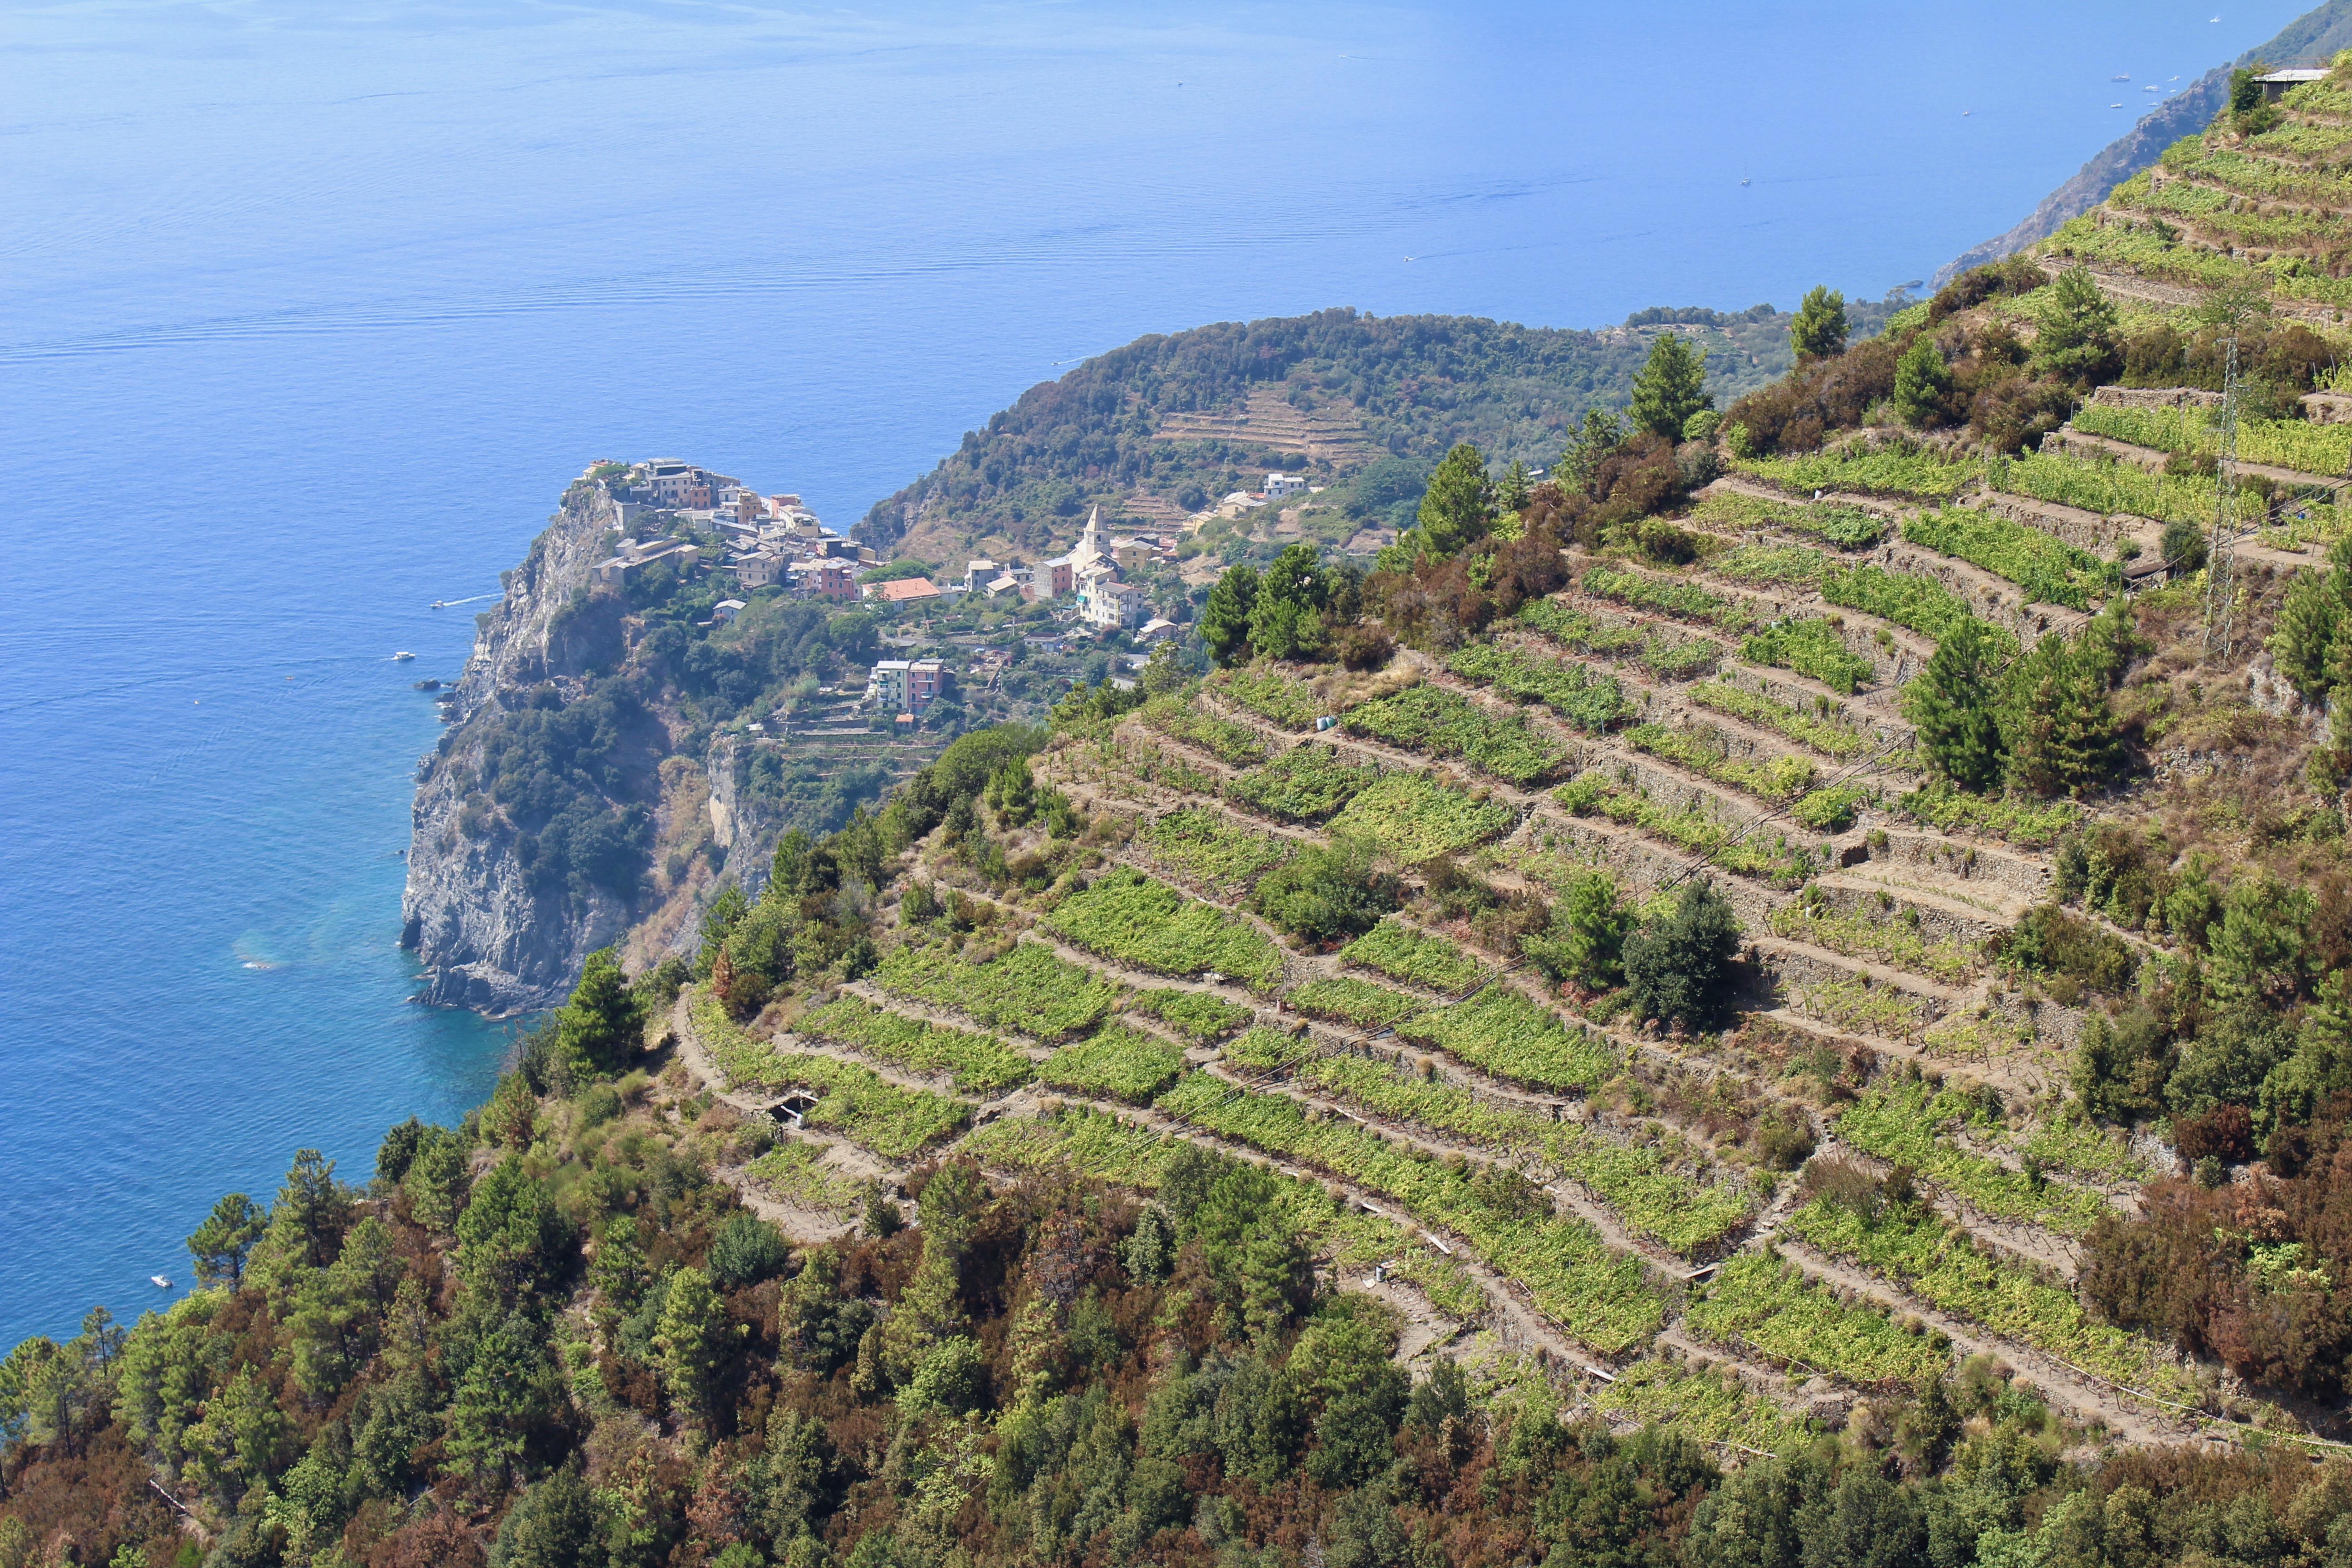 Cinque Terre Hiking Italy Travel Guide Manarola Corniglia